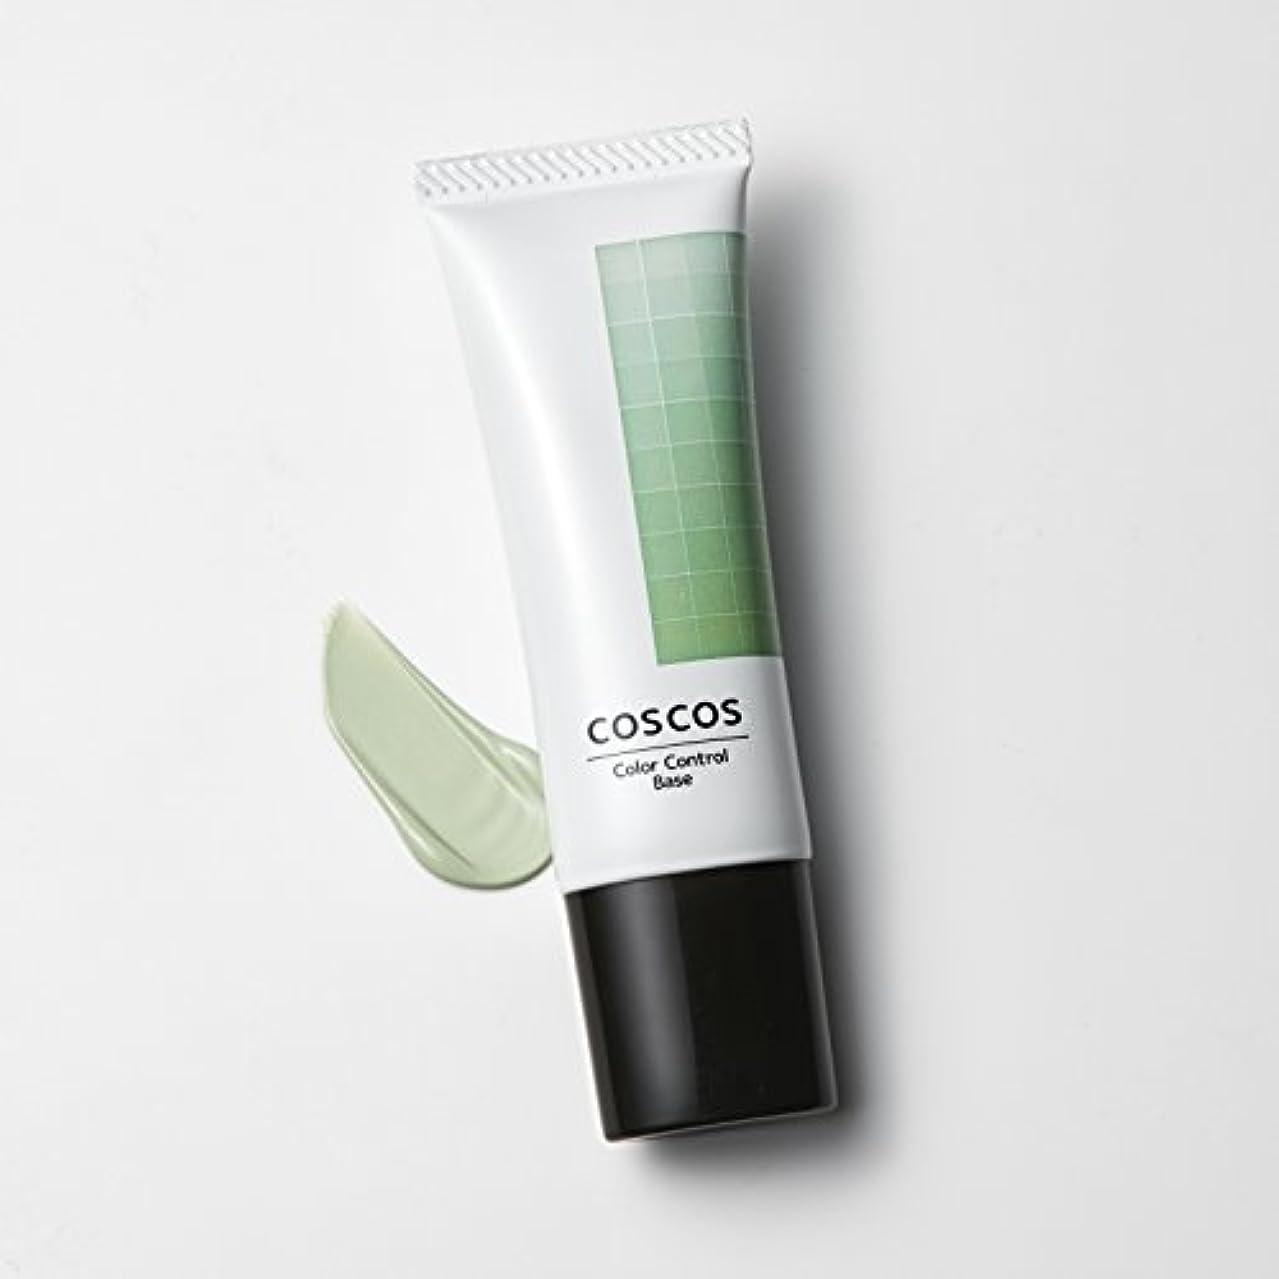 リンケージ売り手属性COSCOS(コスコス) カラーコントロールベース ミントグリーン